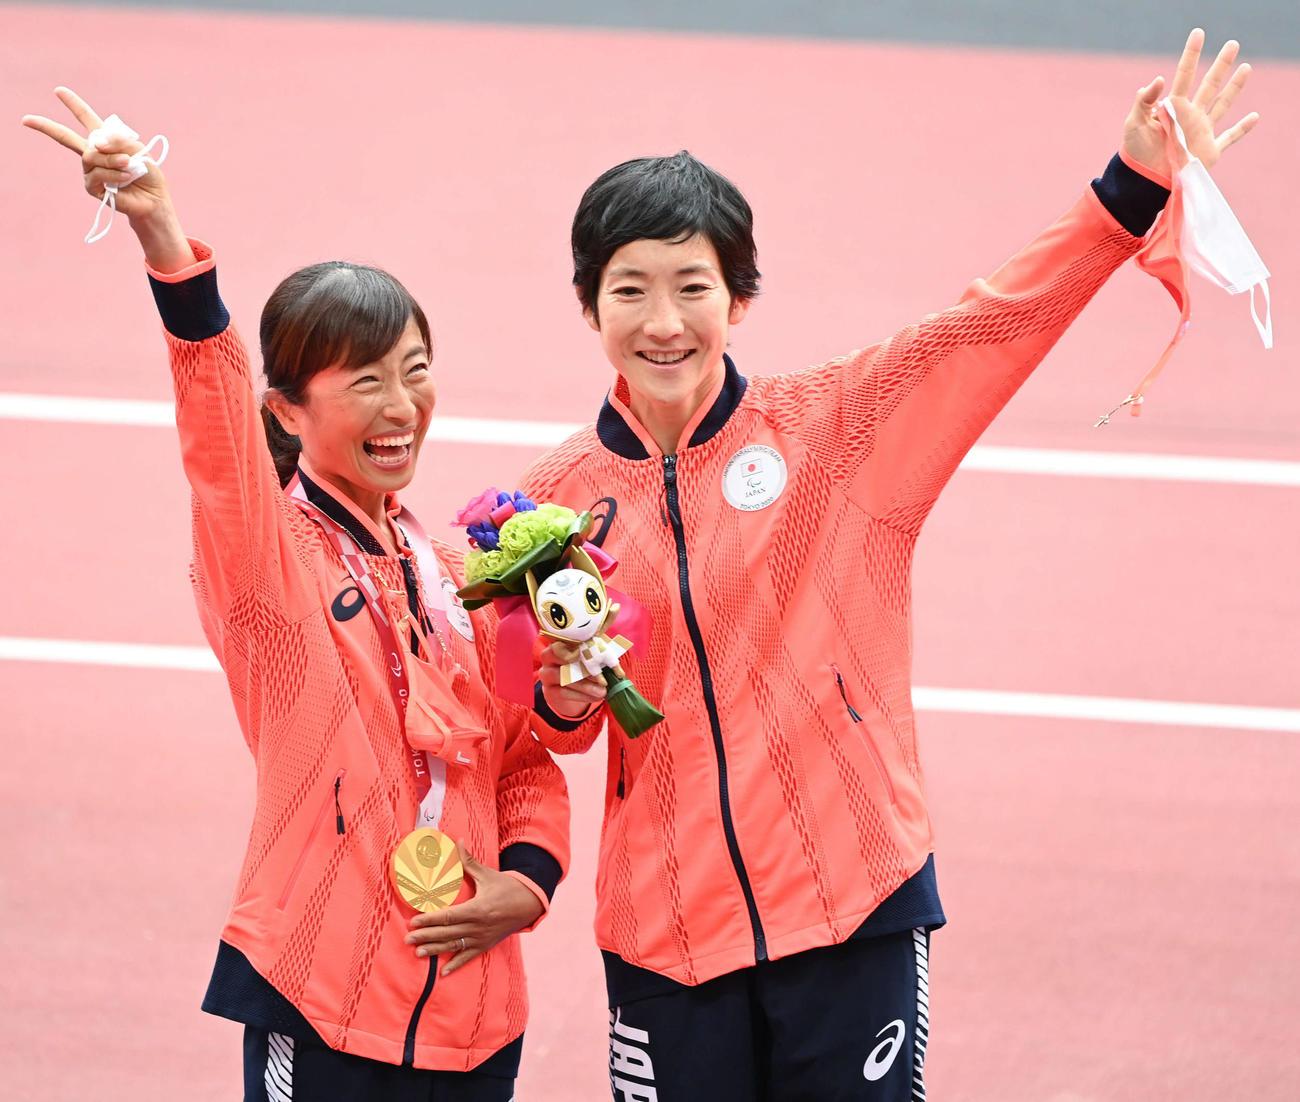 女子マラソン(視覚障害T12) 金メダルを手にした道下(左)は伴走者の青山由佳と一緒に笑顔を見せる(撮影・山崎安昭)